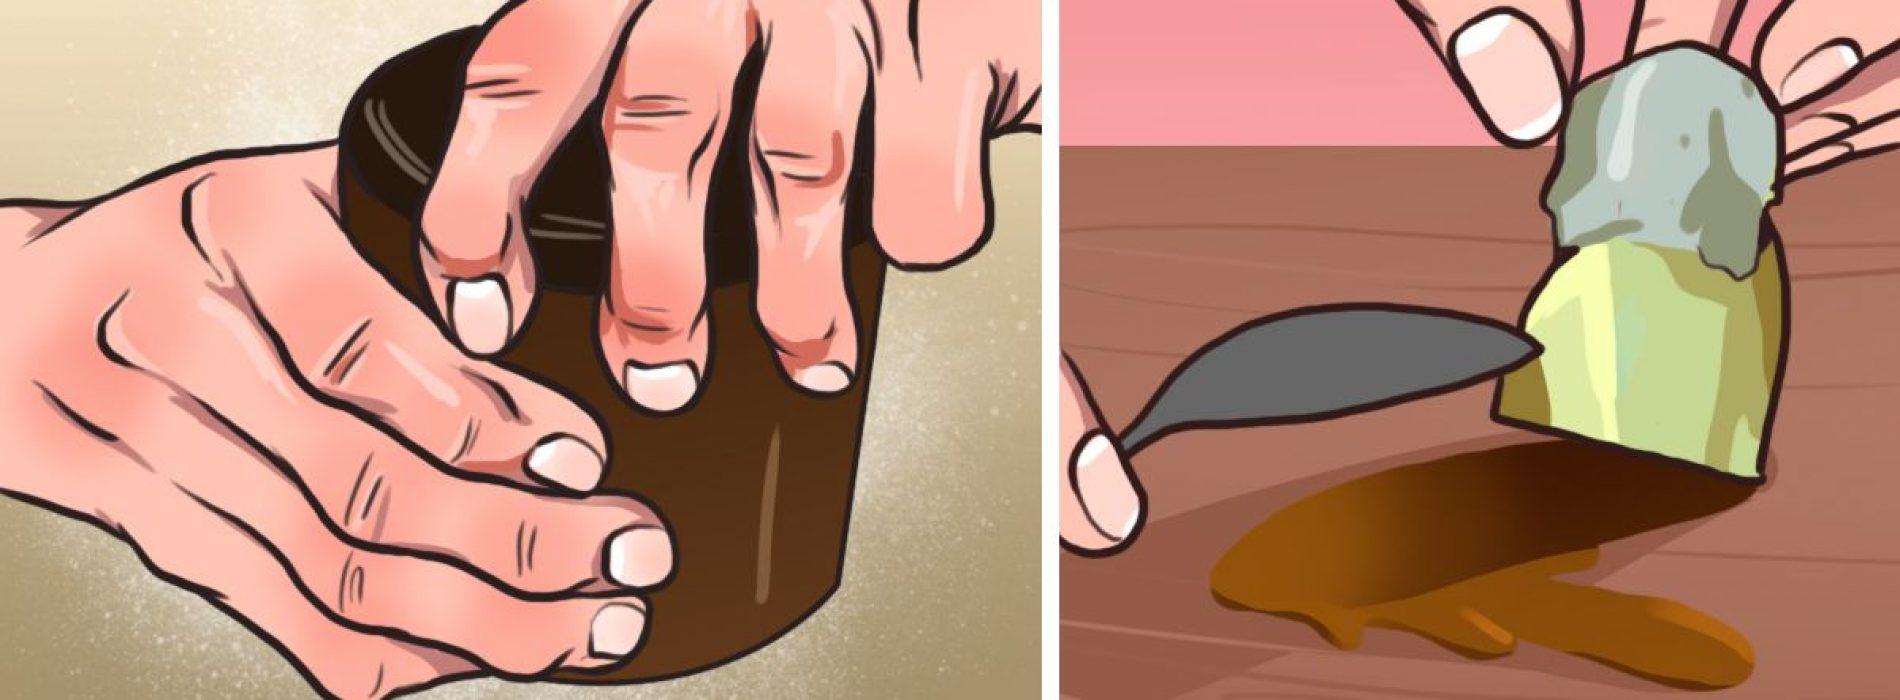 Als je worstelt met artritis, zijn hier 6 huismiddeltjes die je kunt proberen om de pijn te verzachten